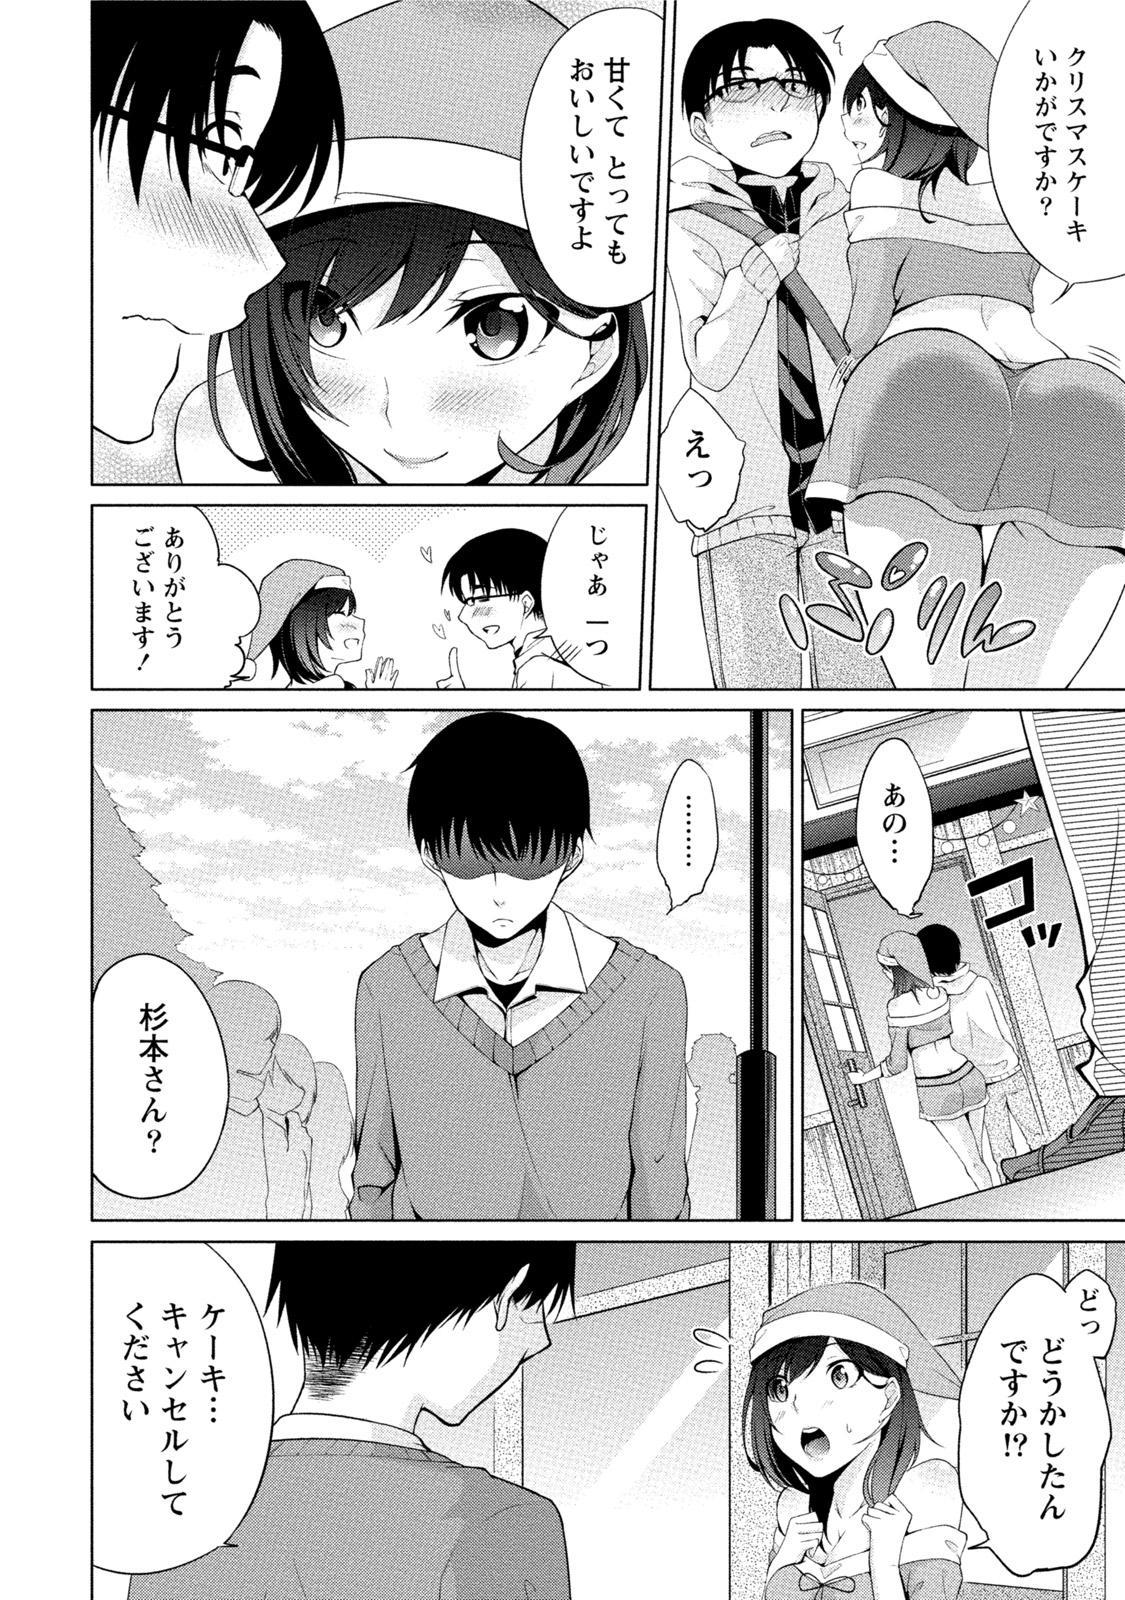 Ecchi na Watashi ja Dame desu ka? 66